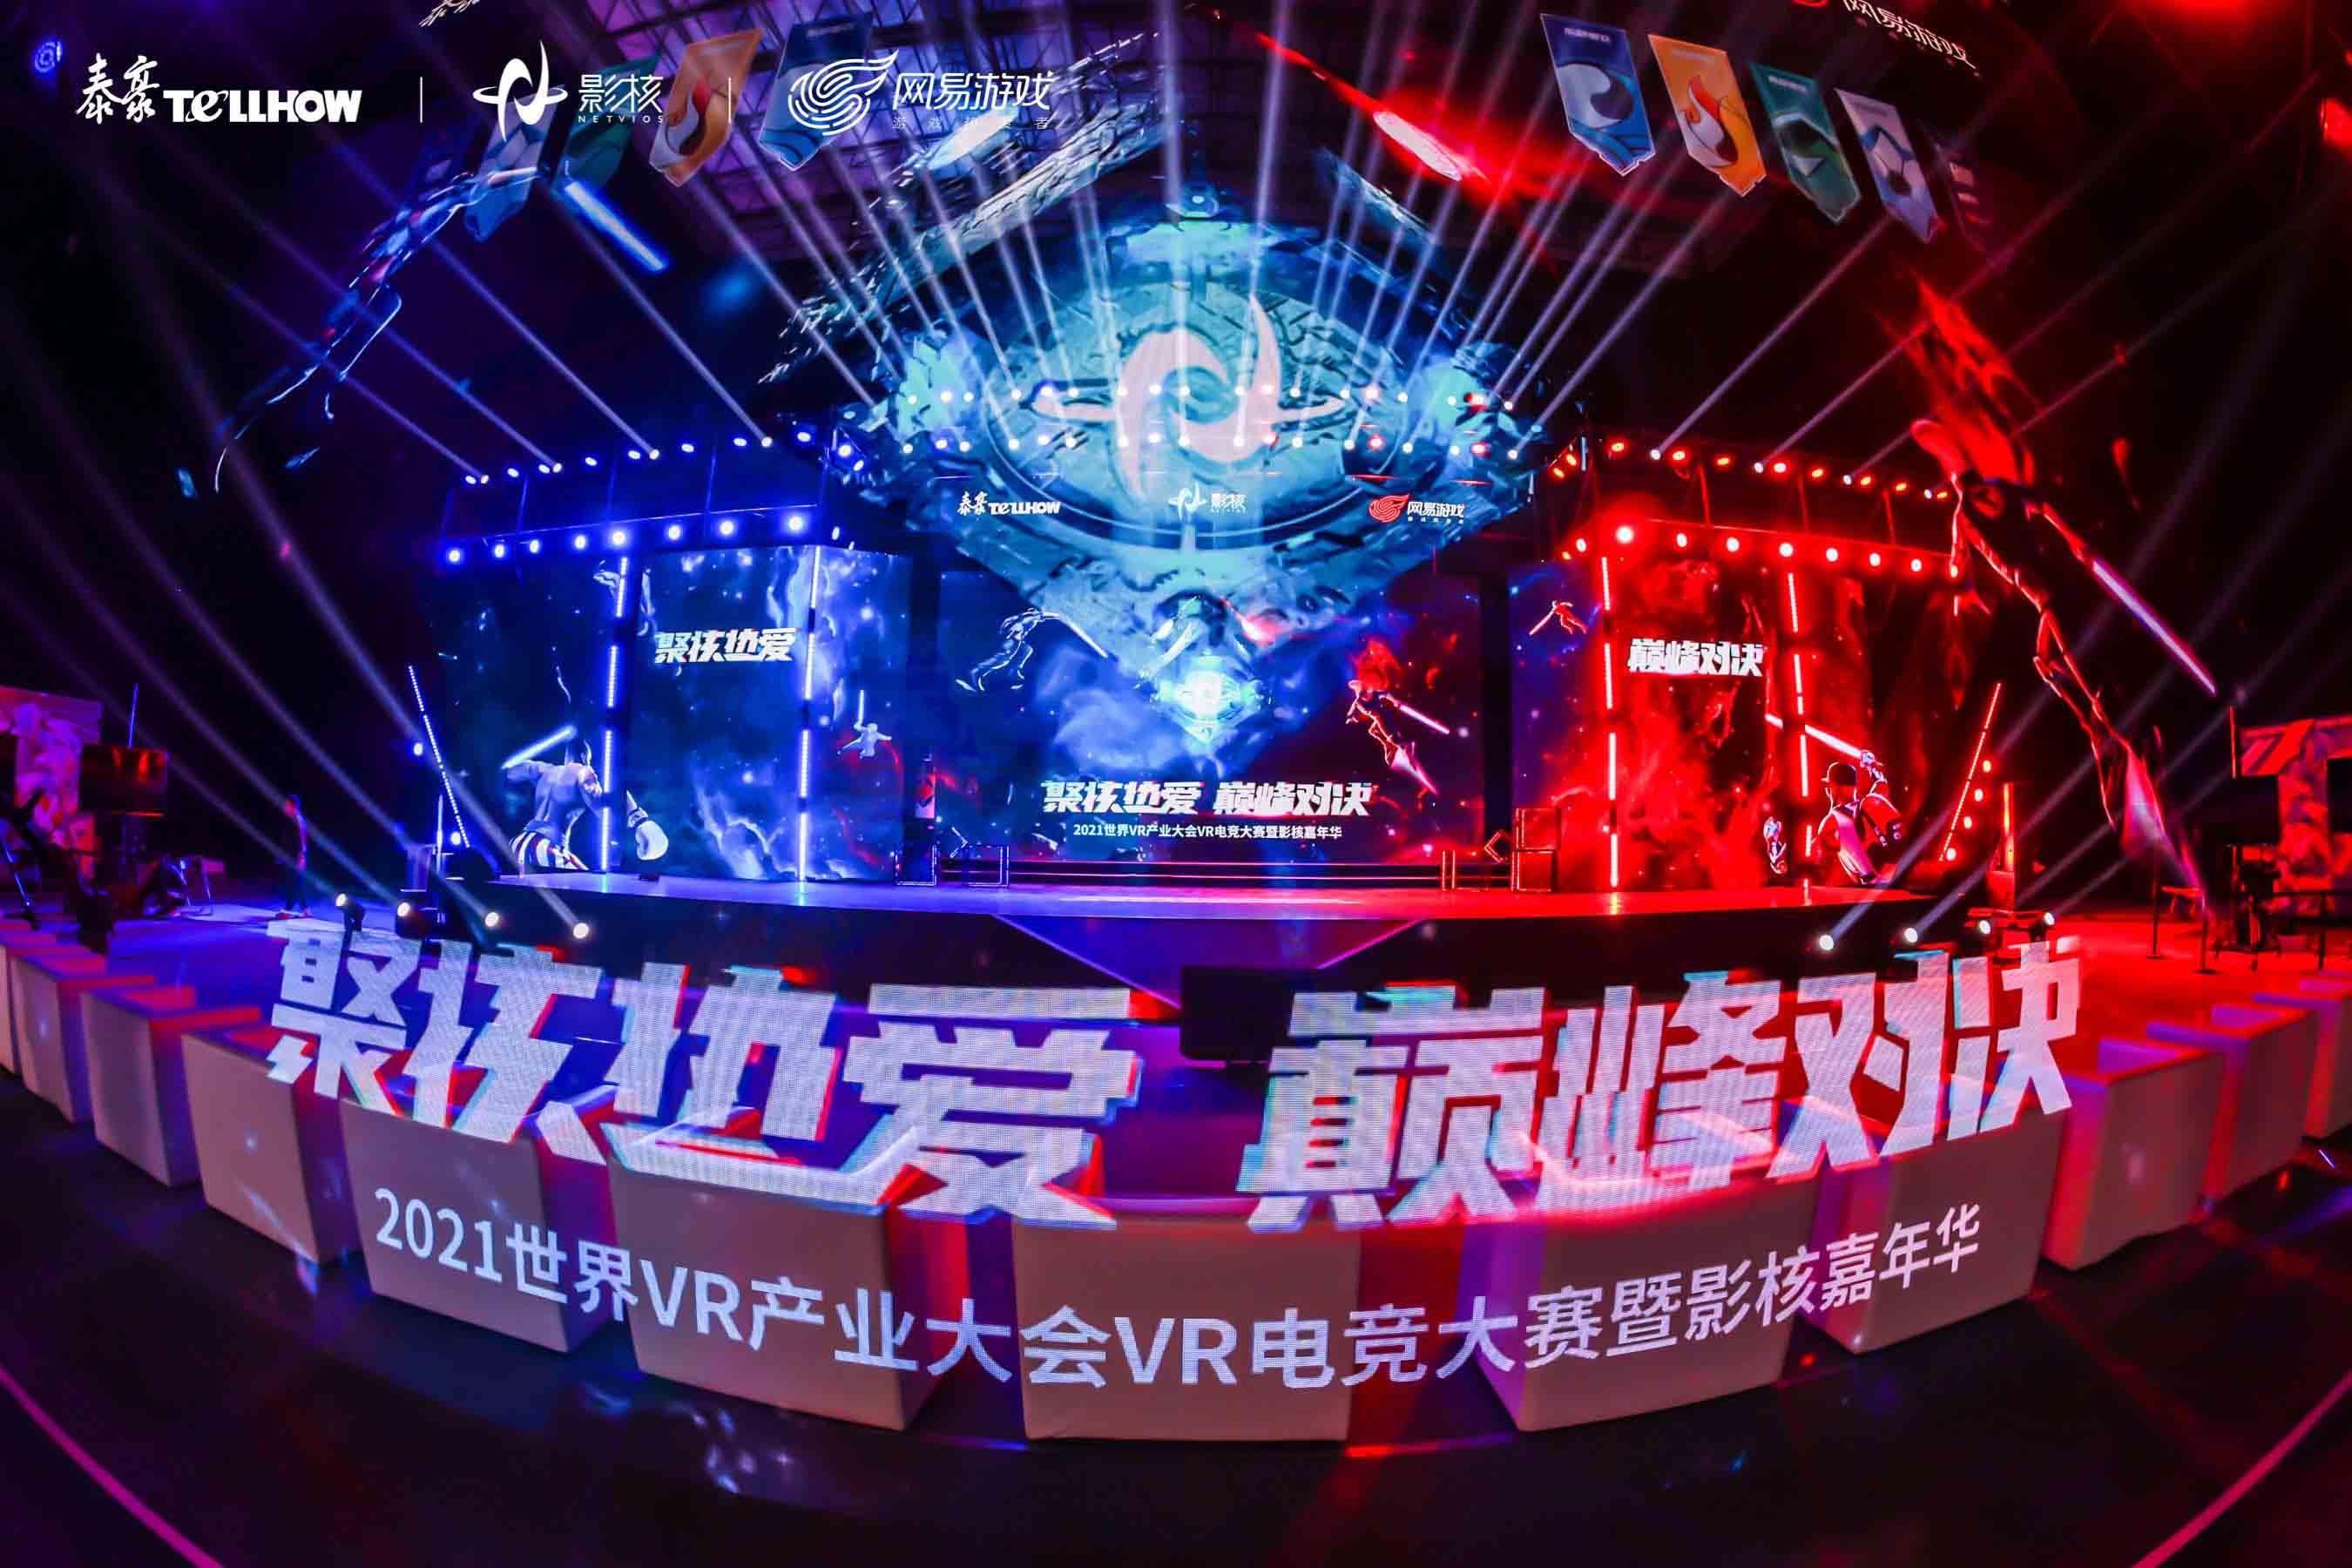 2021世界VR产业大会VR电竞大赛圆满落幕,VR+电竞生态链效能显现